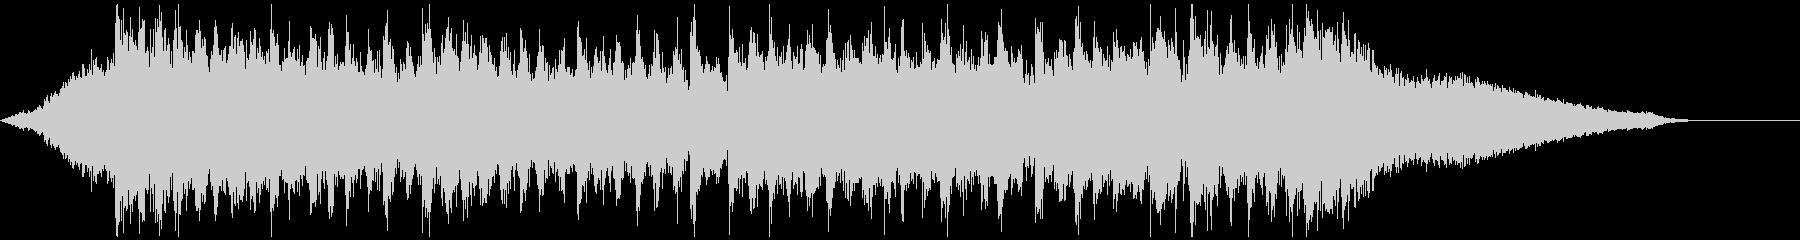 企業VP映像、168オーケストラ、爽快Sの未再生の波形